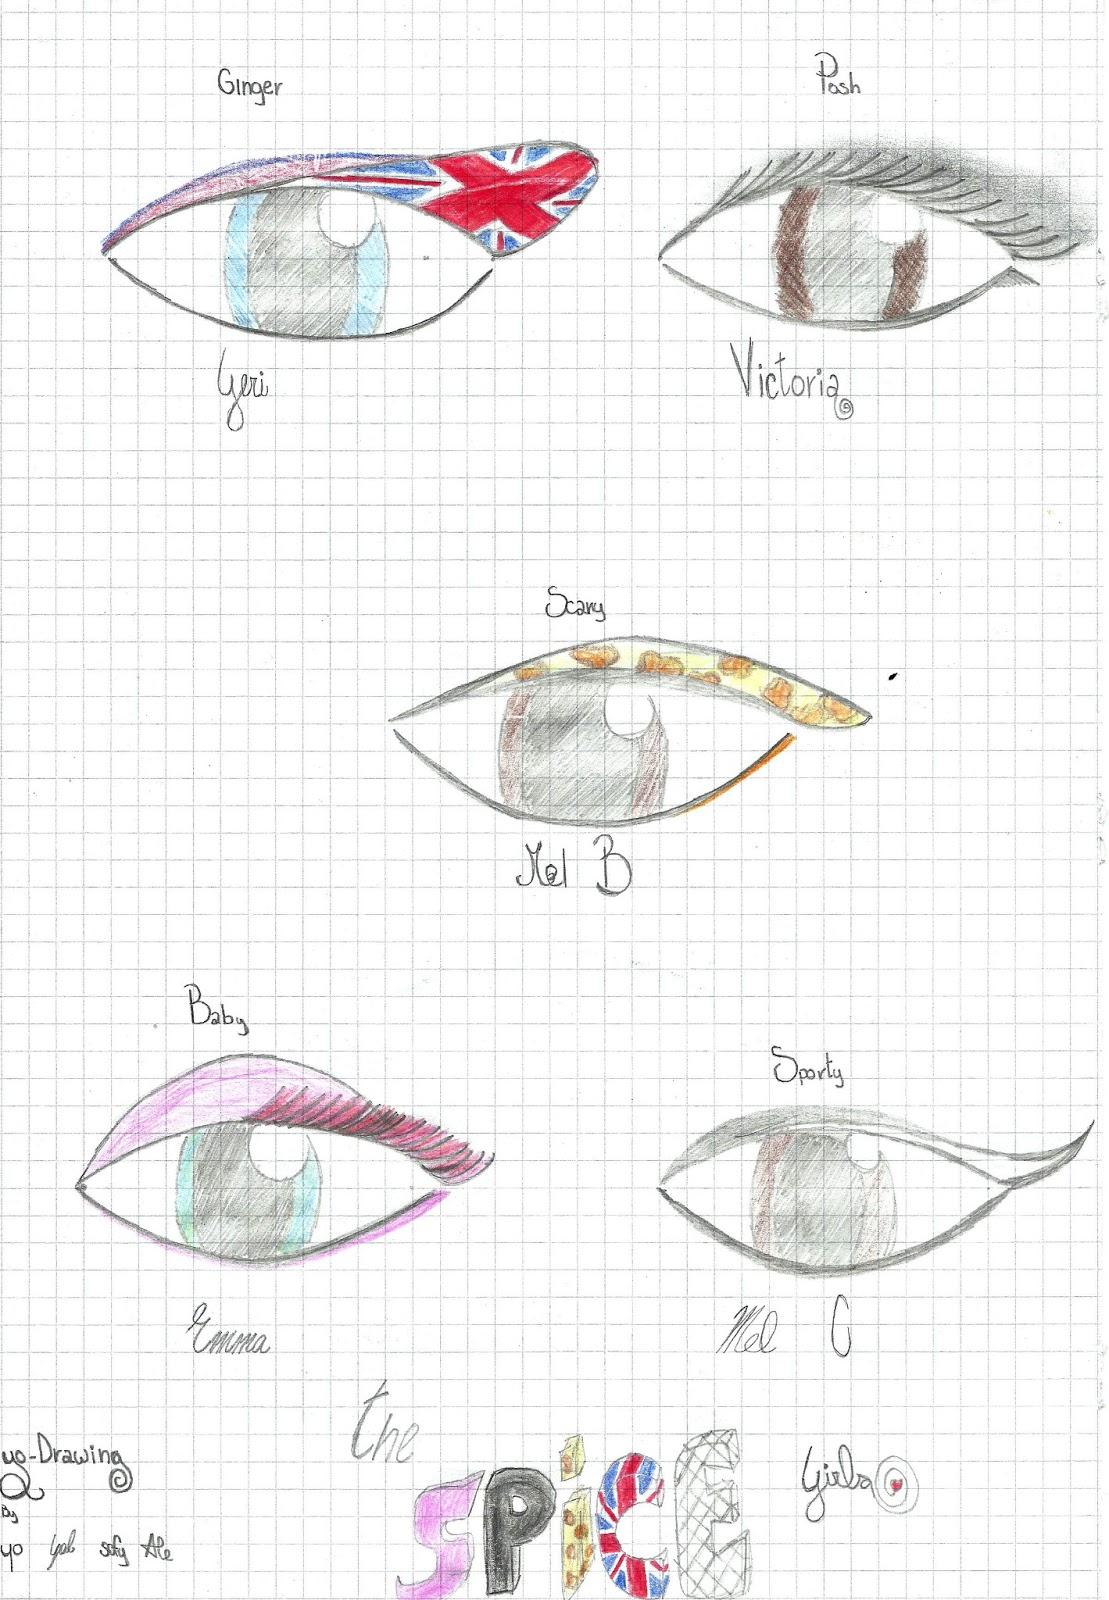 http://4.bp.blogspot.com/-9r-yFjsf11A/UPXOKVr0PWI/AAAAAAAAAfw/iVq9wSZ2EXA/s1600/spice+eye.png